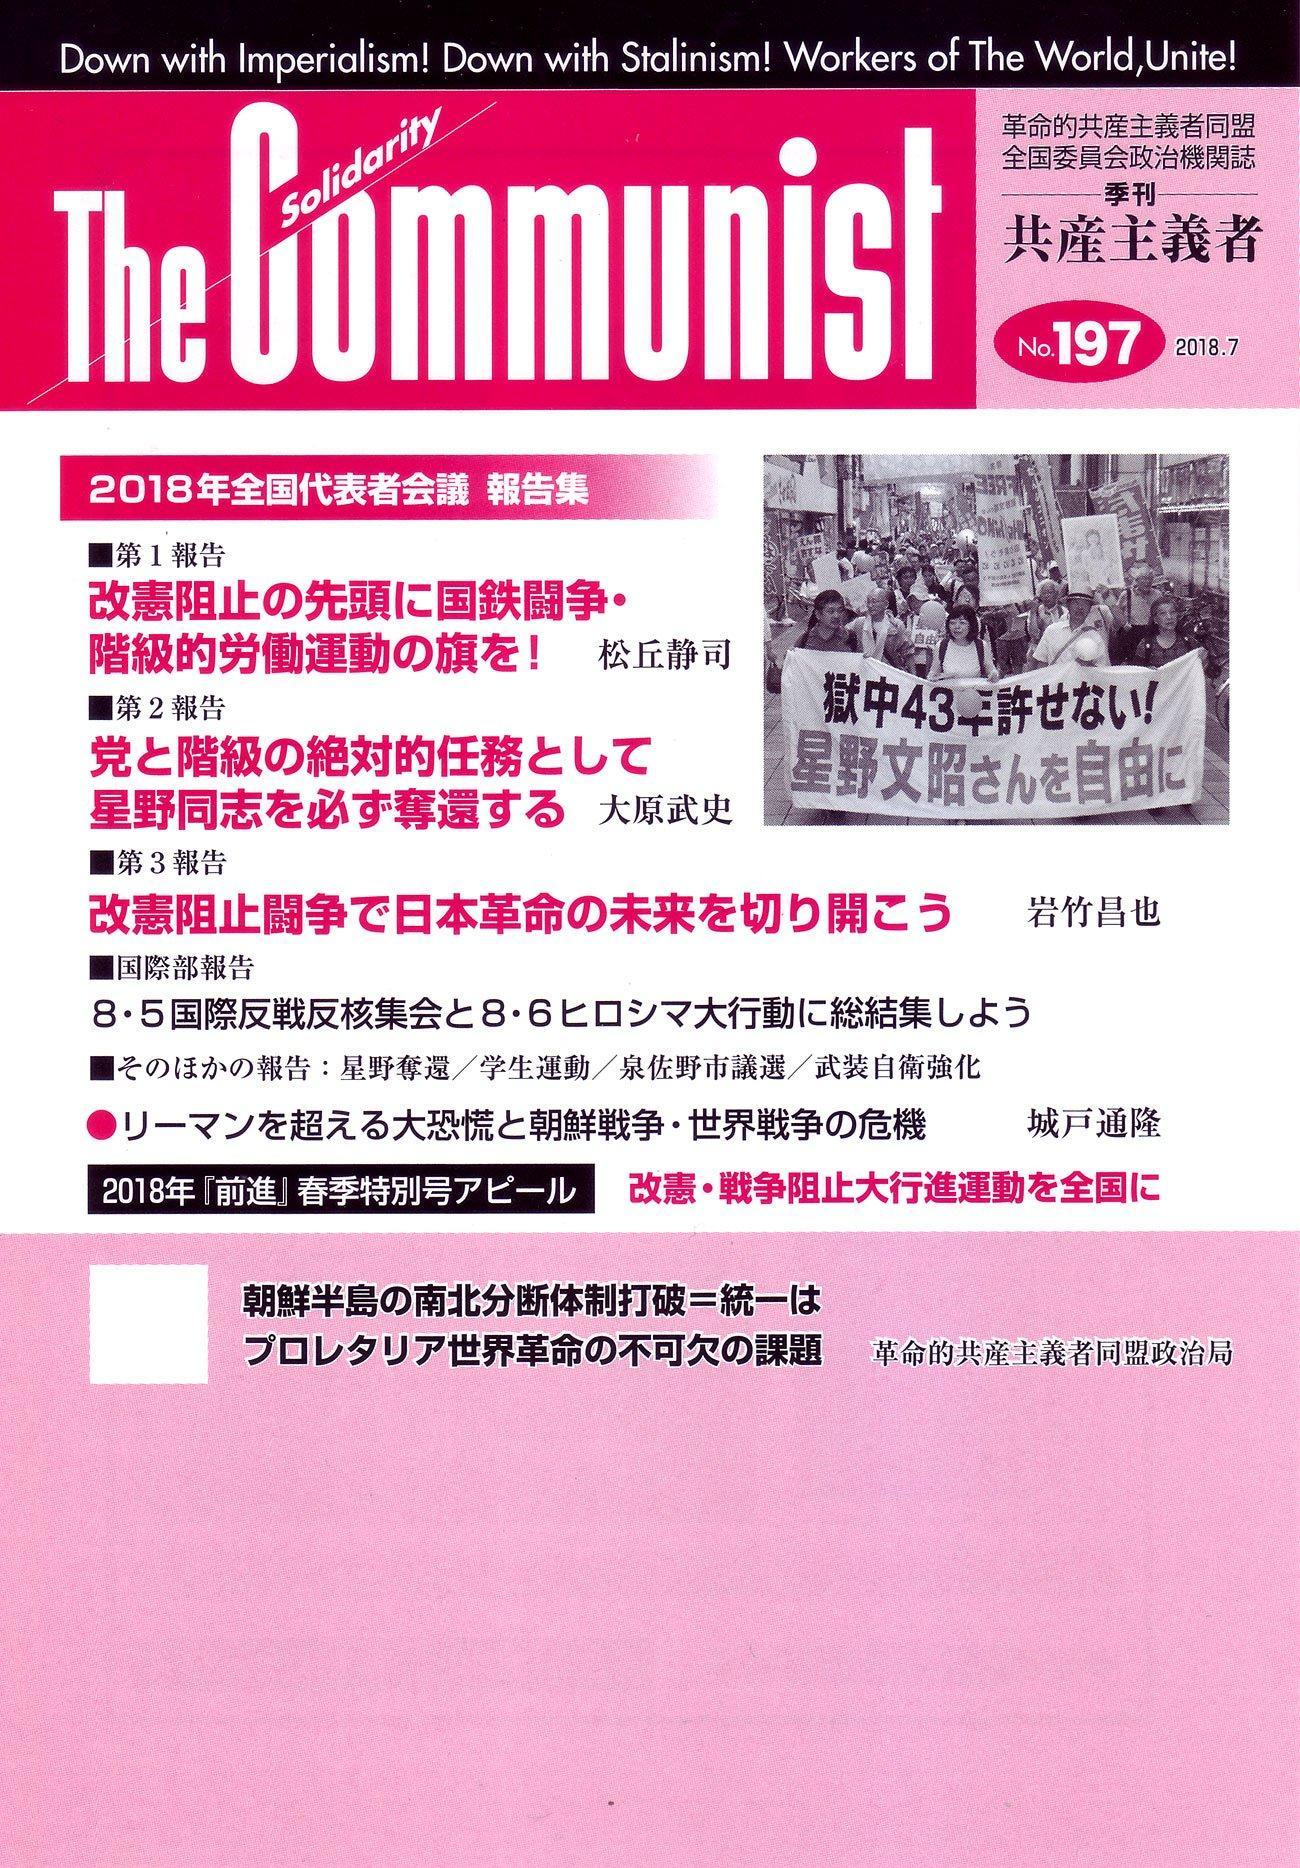 http://www.zenshin.org/zh/ist/20180624a.jpg